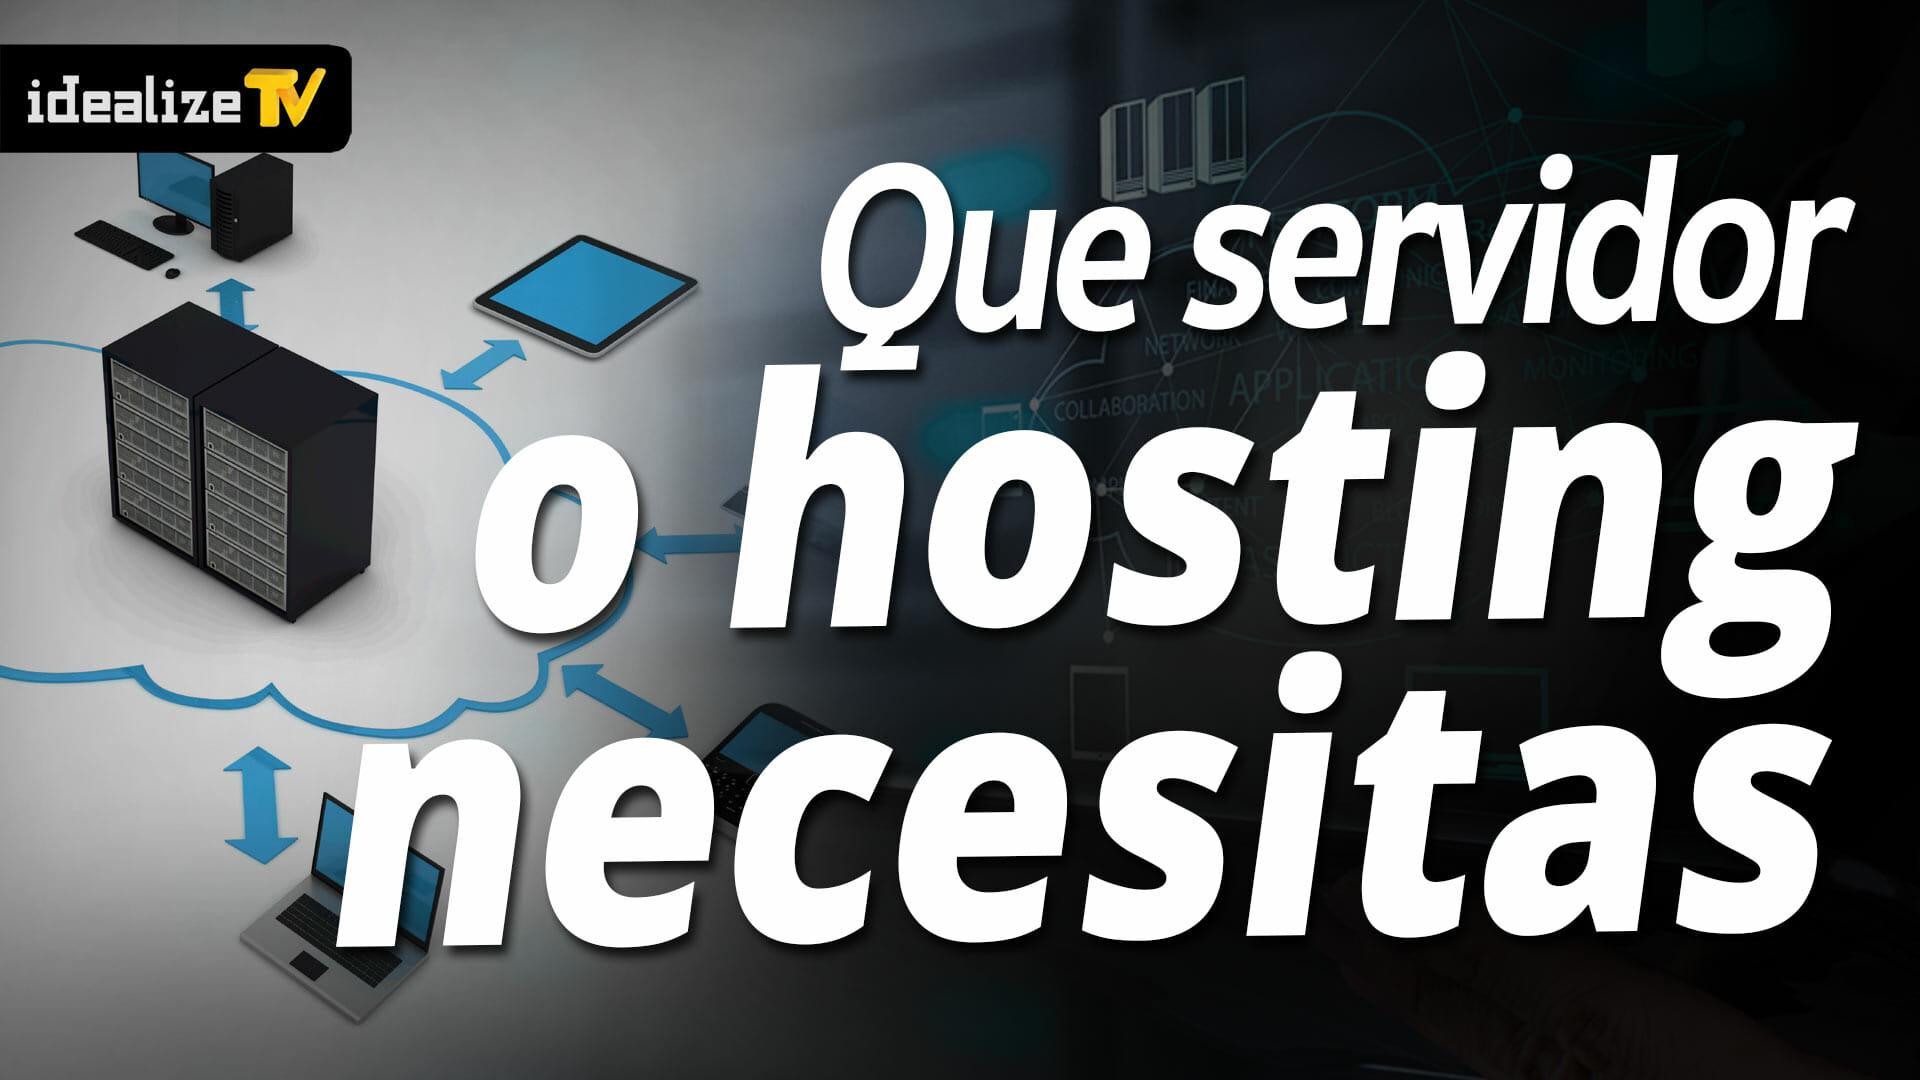 Qué es un servidor y cuáles son los principales tipos de servidores